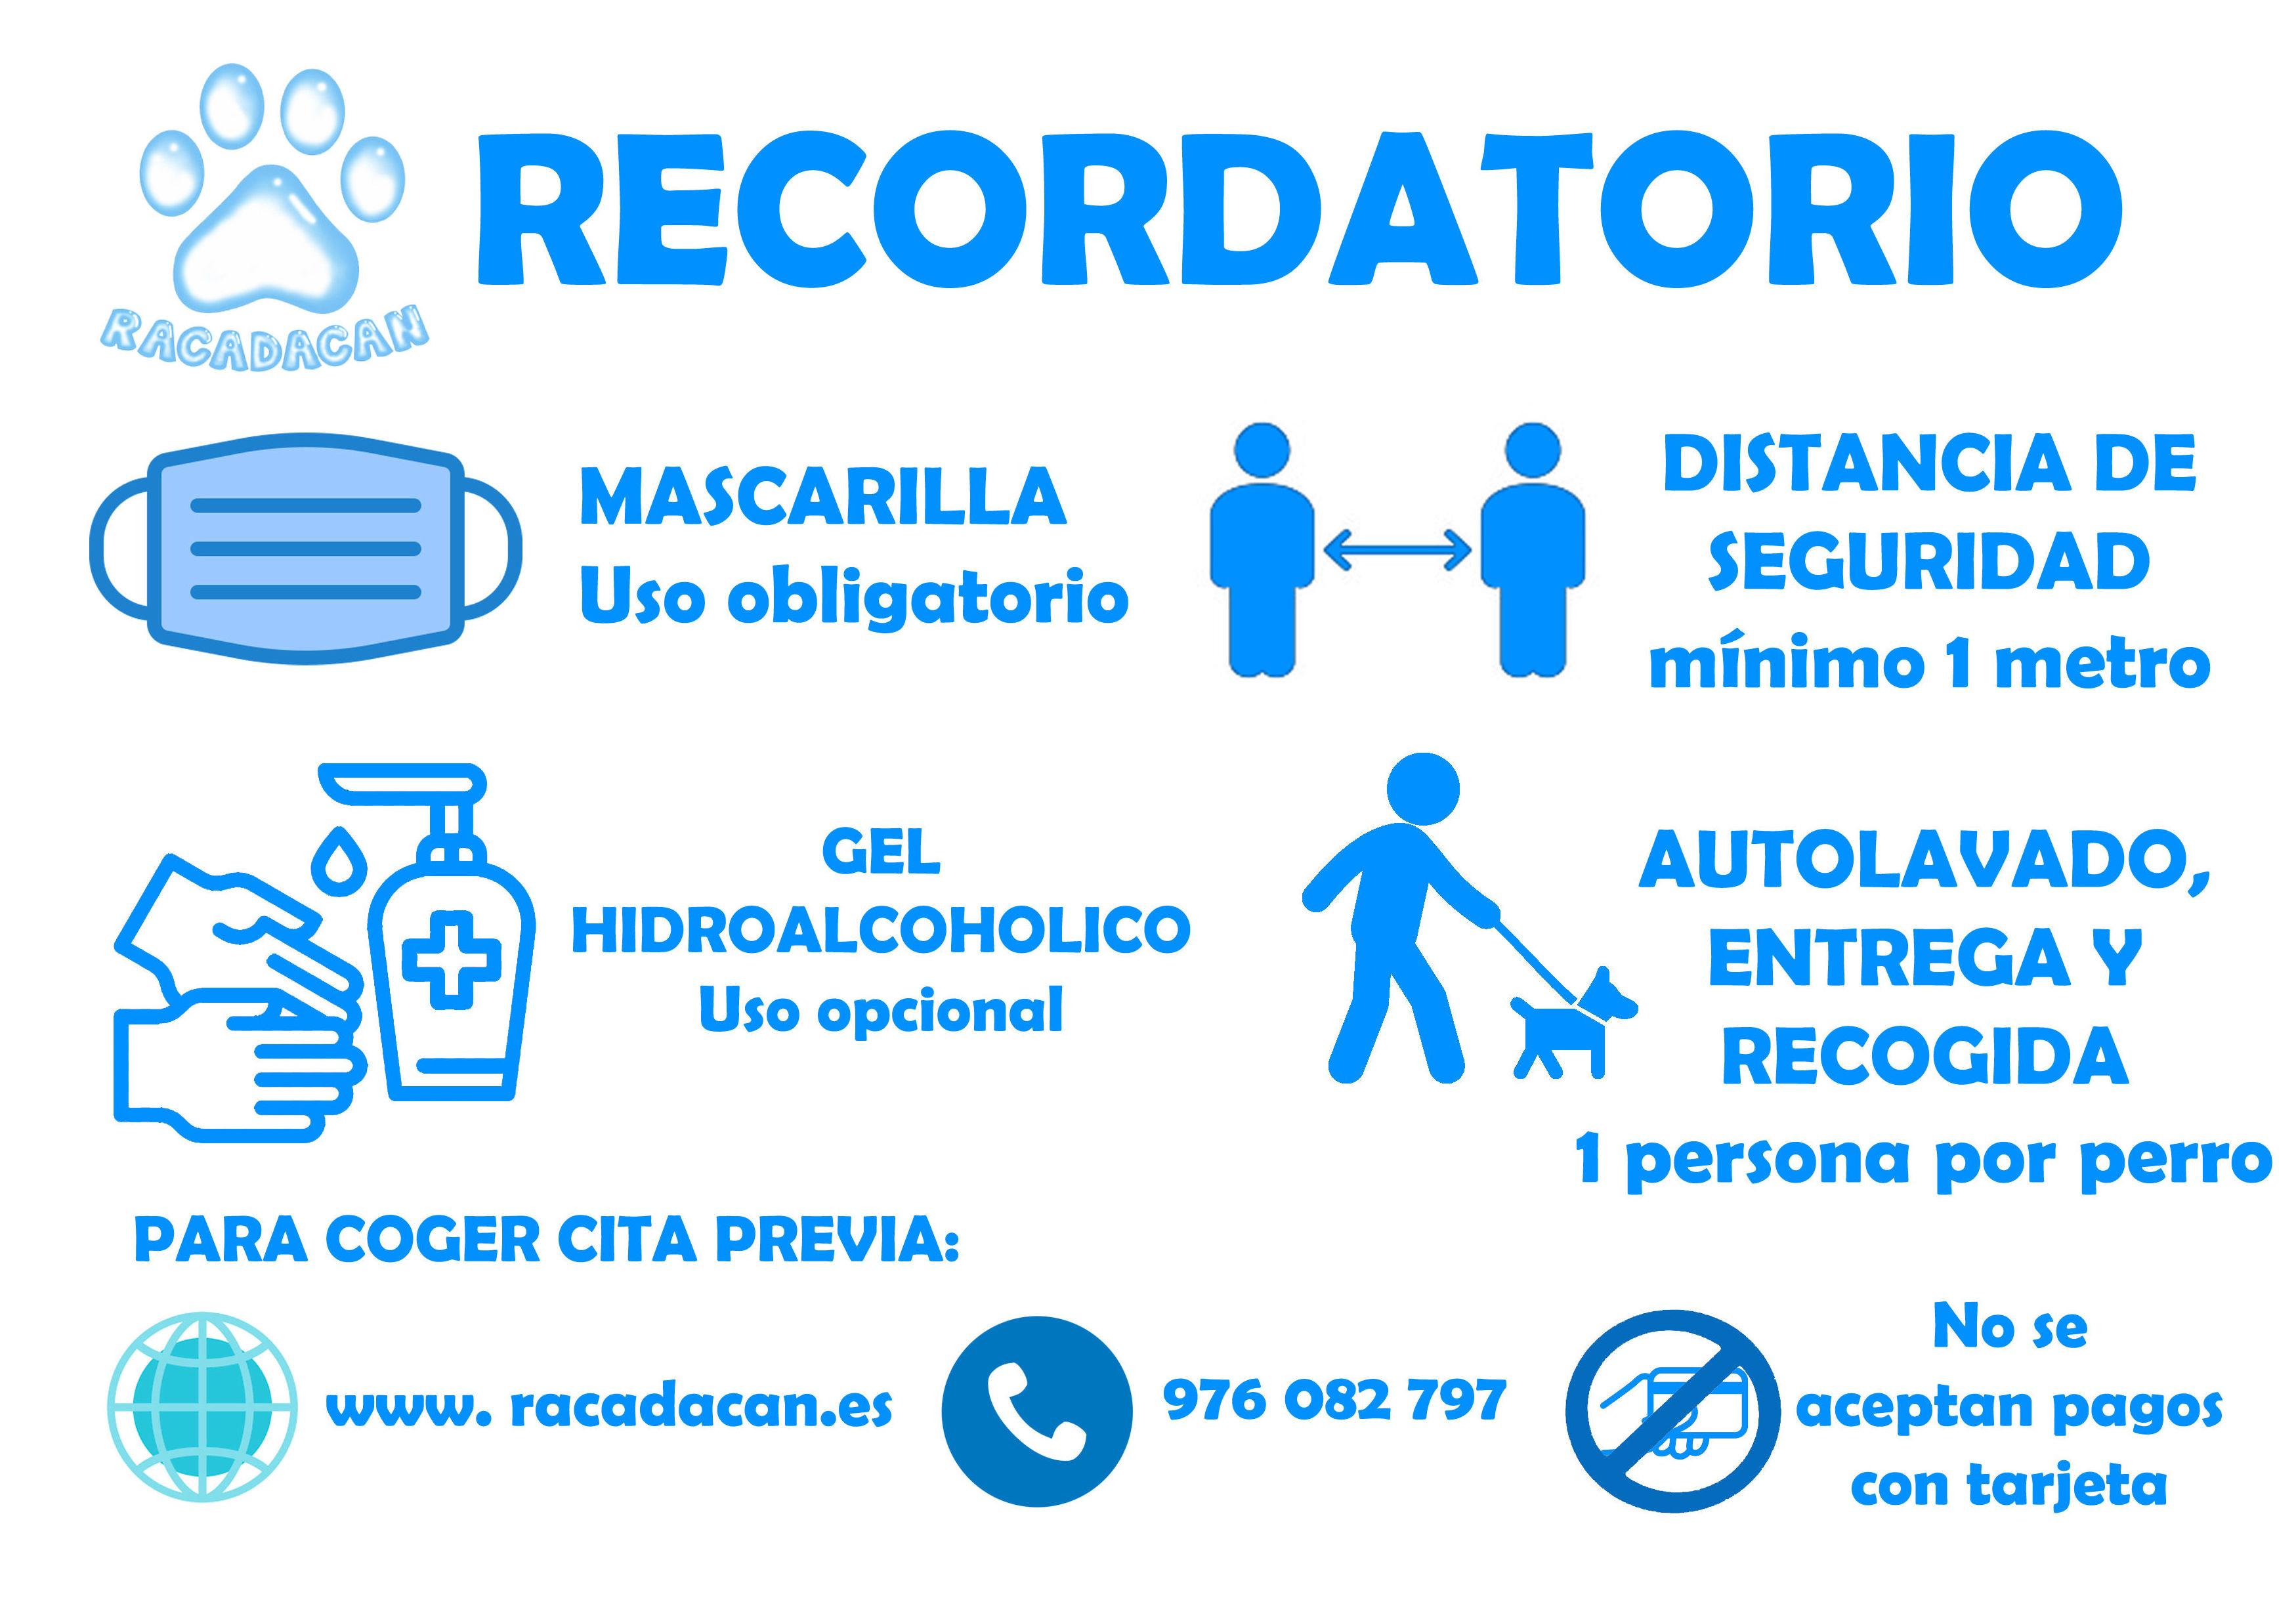 RECORDATORIO PARA CLIENTES